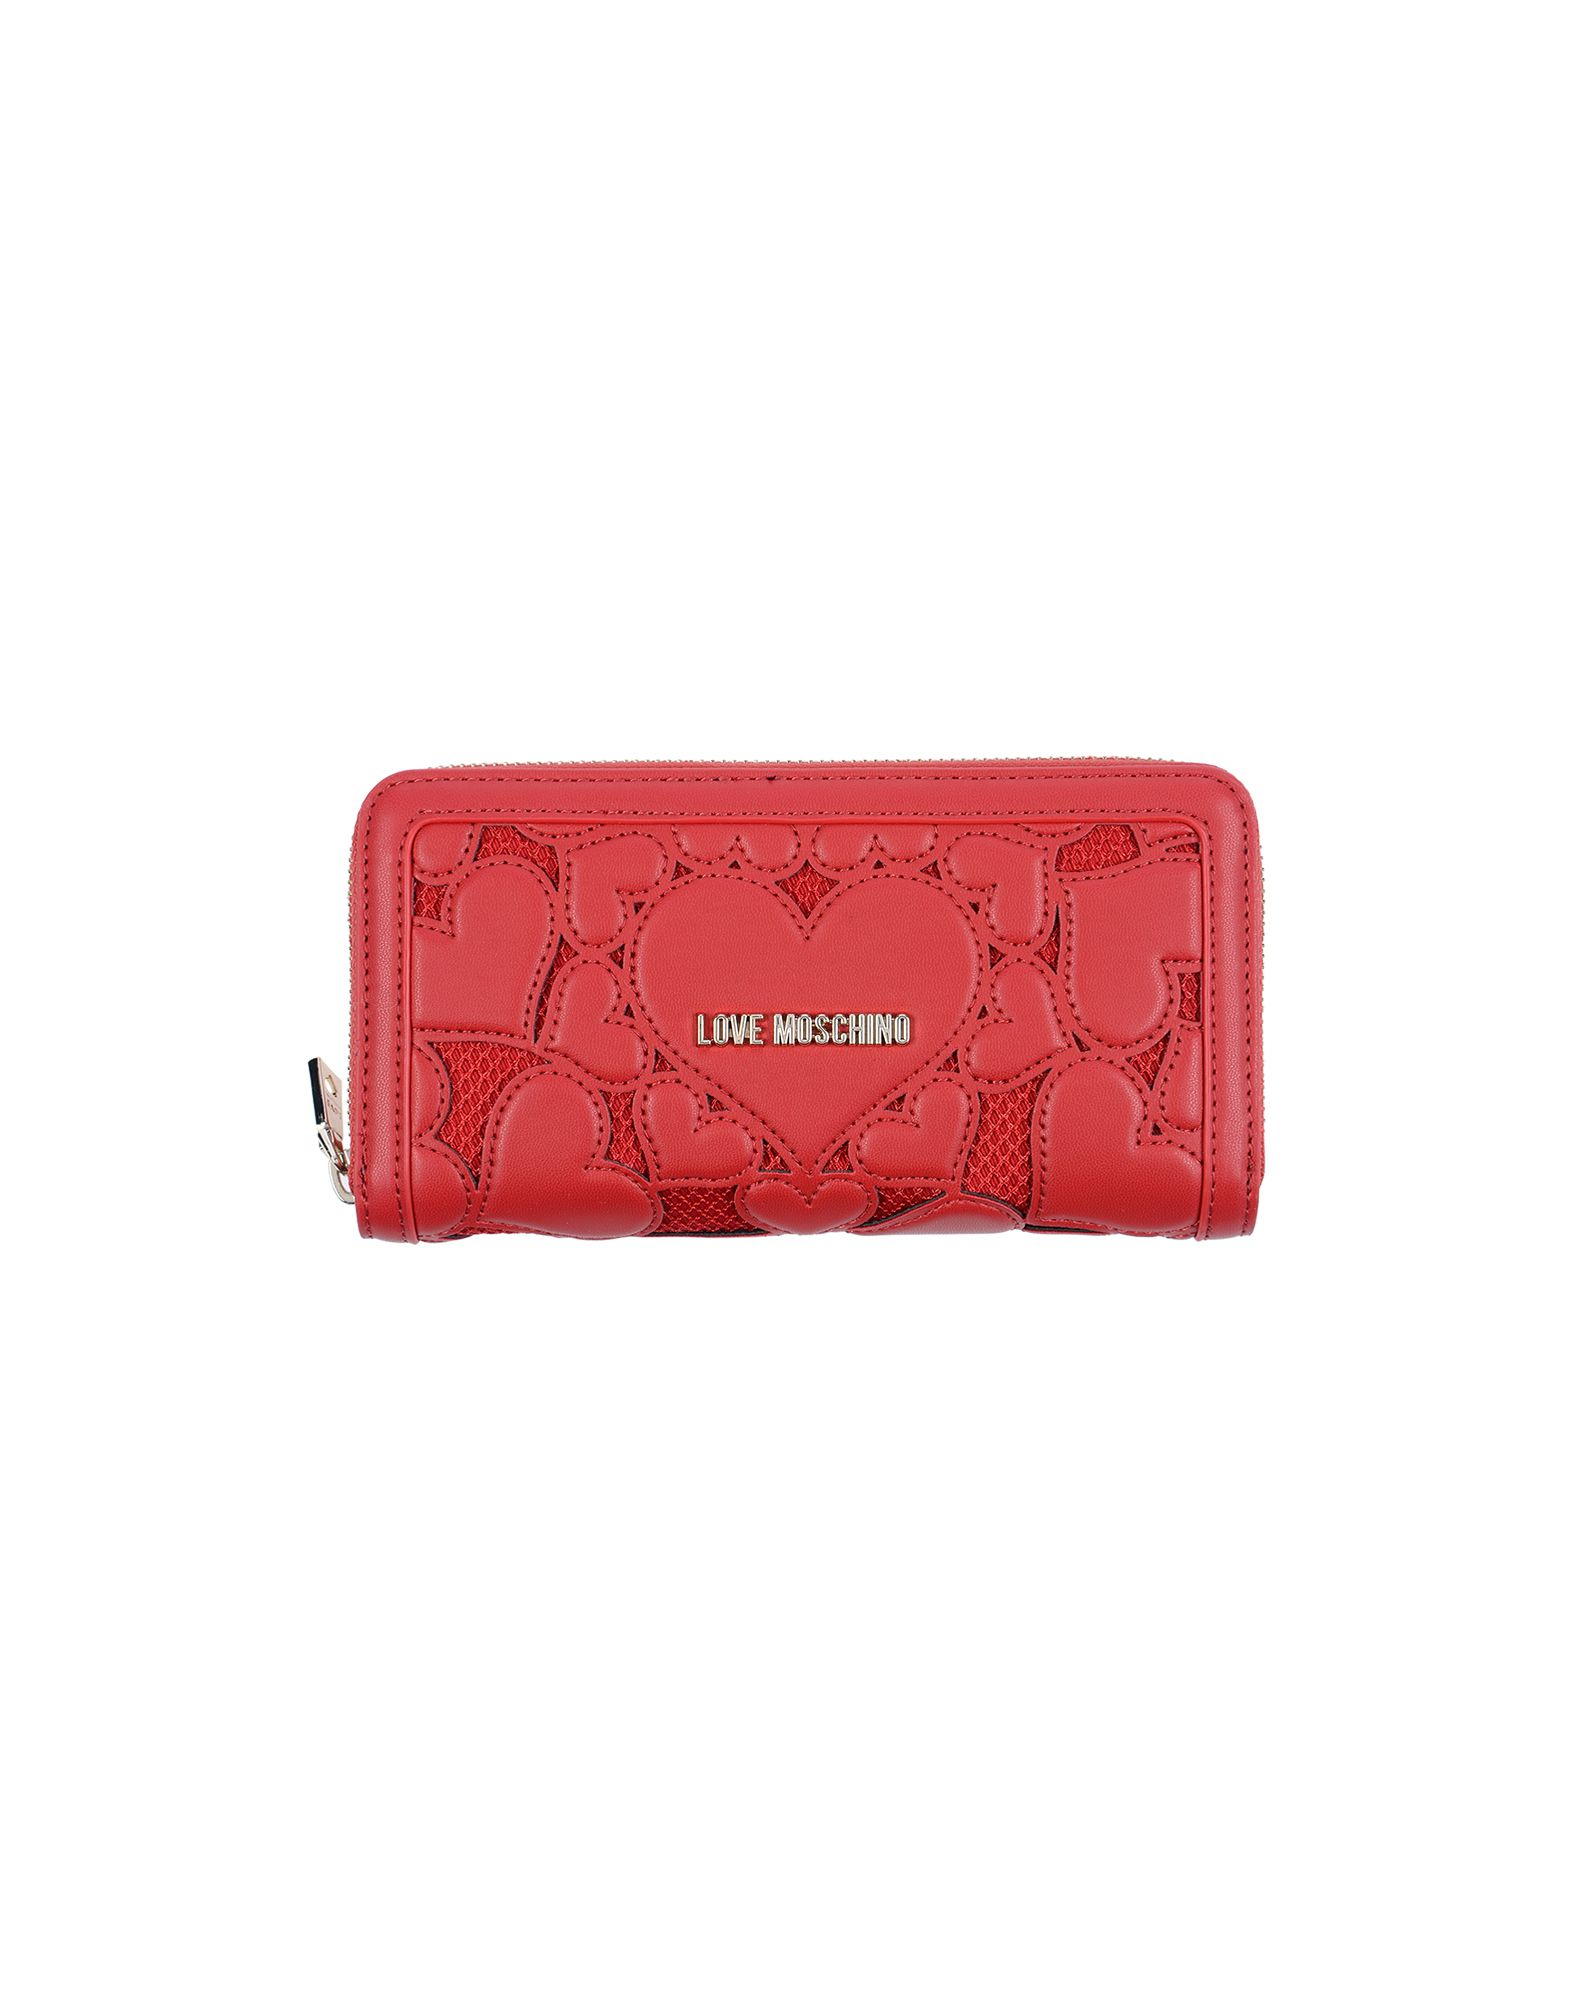 《送料無料》LOVE MOSCHINO レディース 財布 レッド ポリウレタン / 紡績繊維